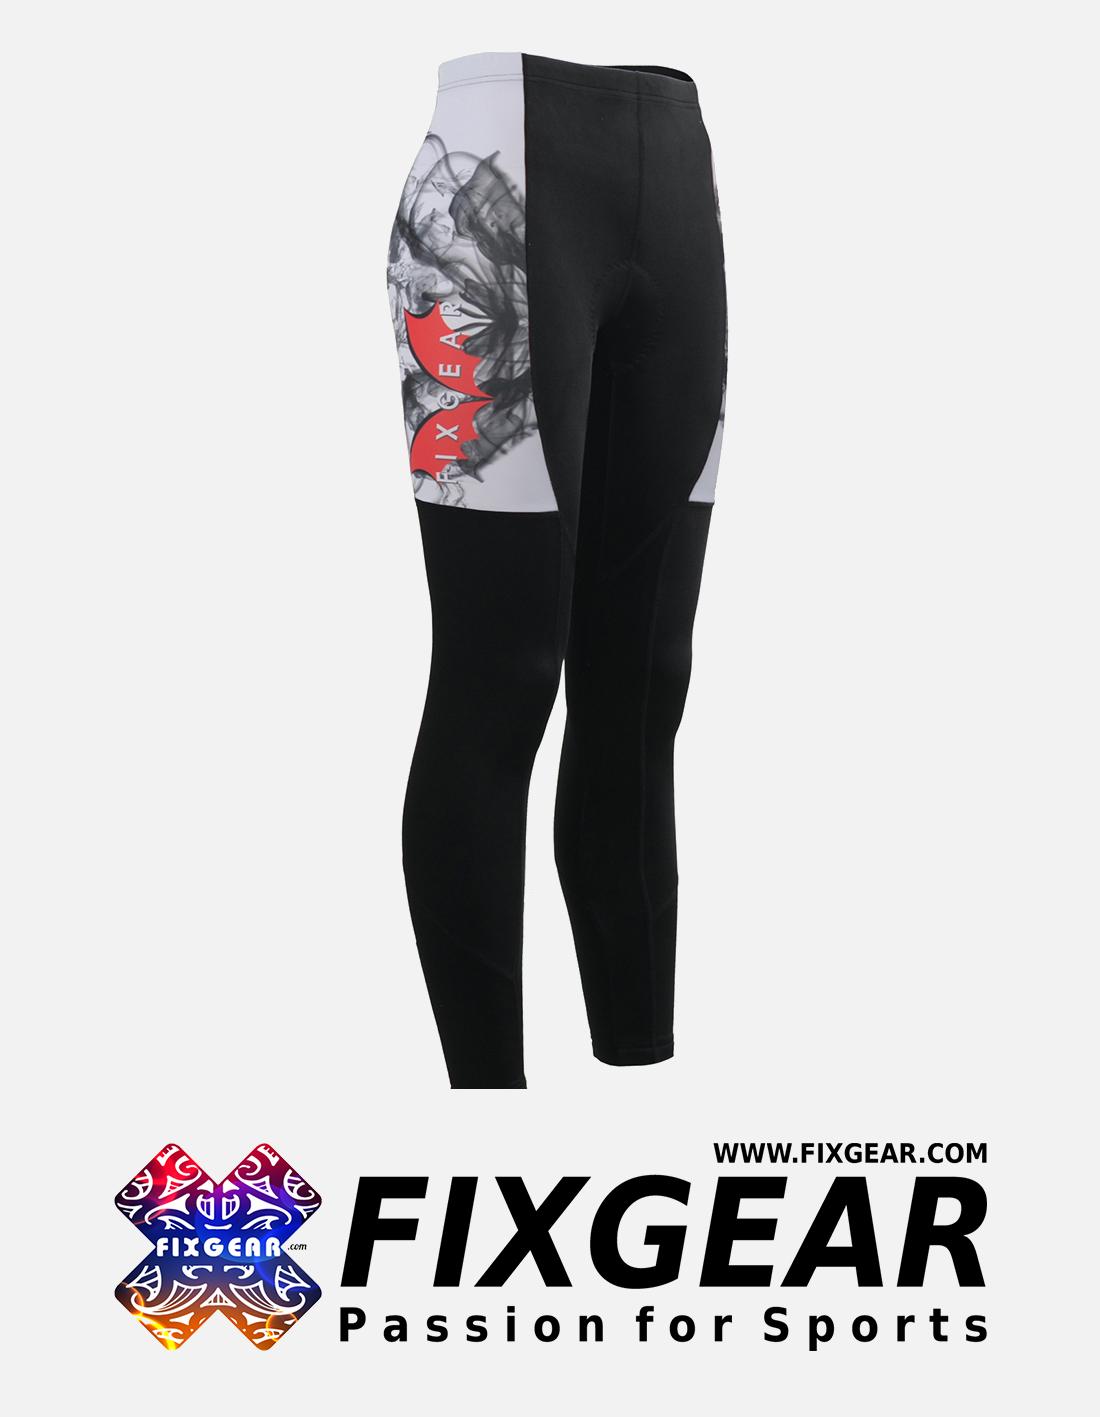 FIXGEAR LT-WJ3 Women's Cycling Padded Long Pants